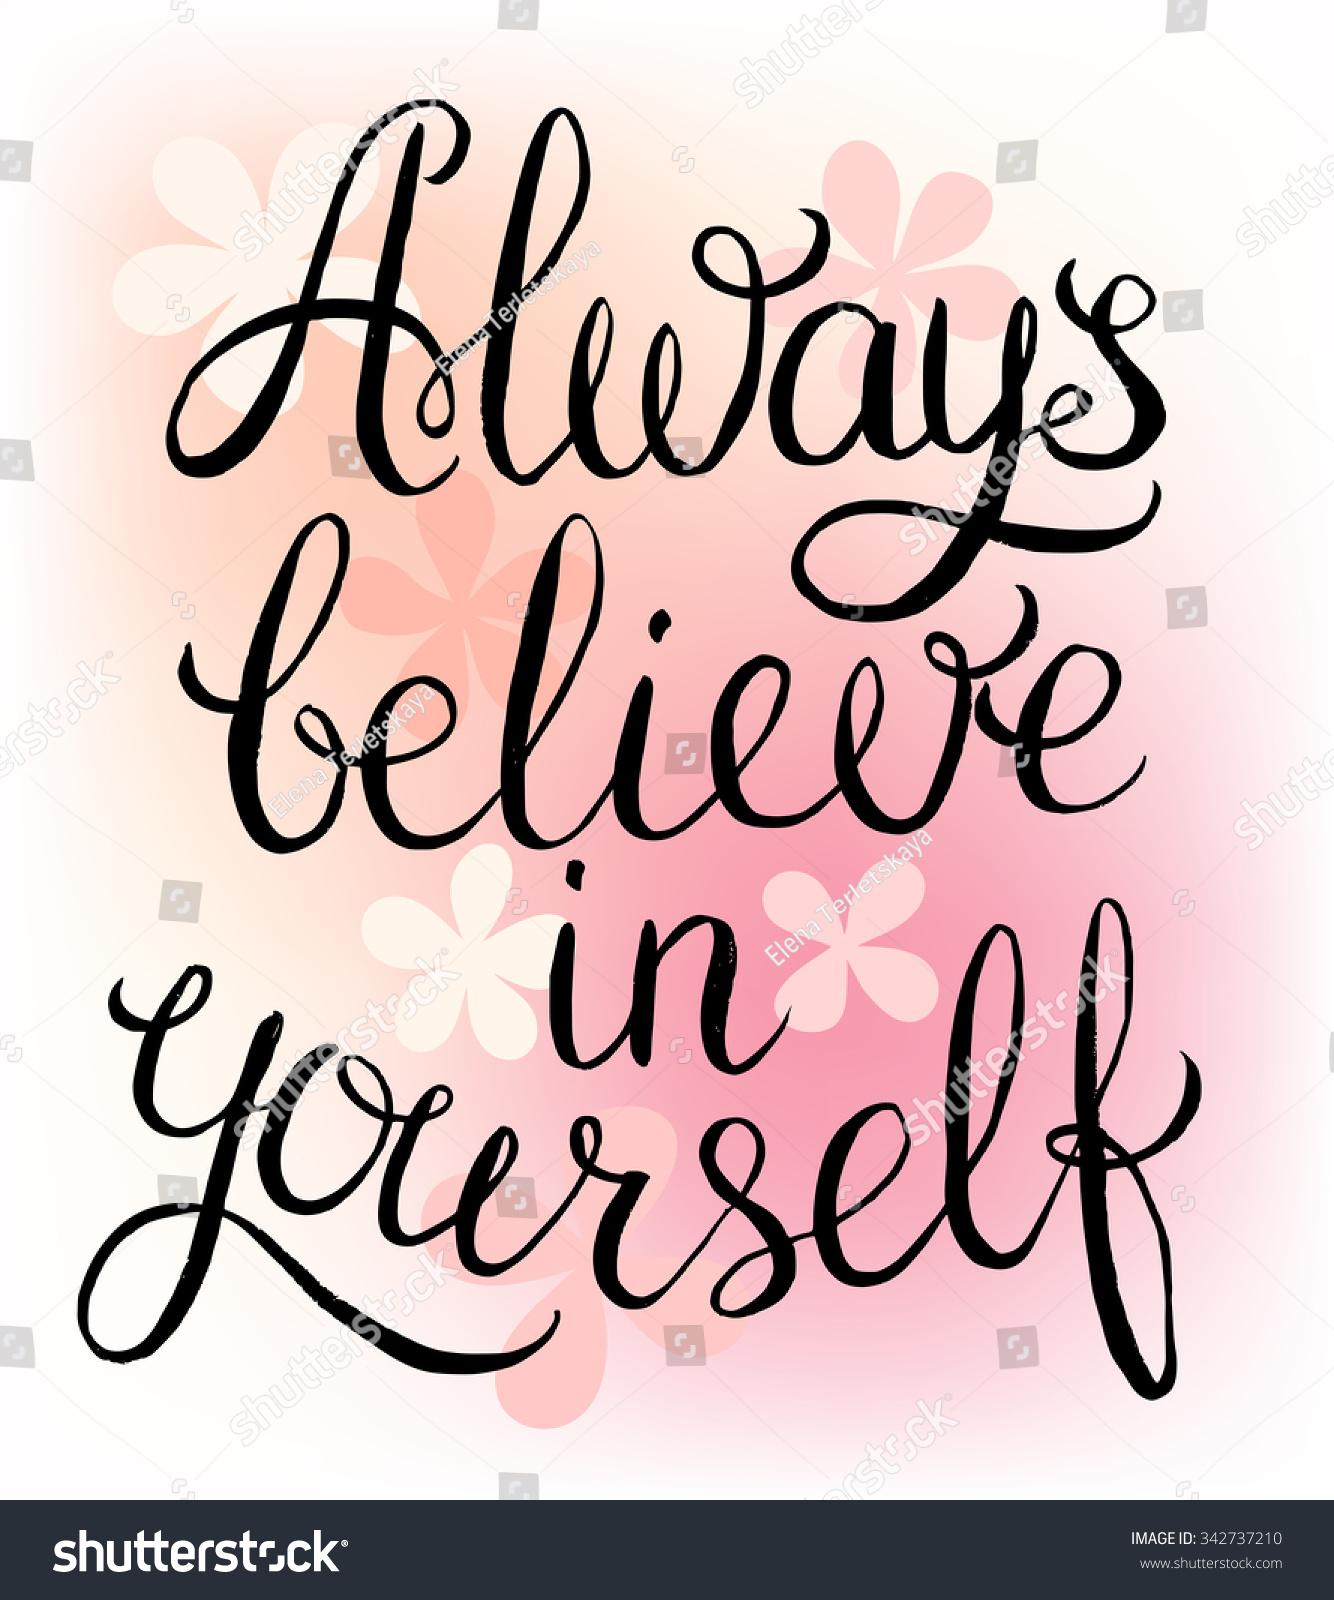 Believe In Yourself Quotes: Always Believe Yourself Inspirational Quote Handwritten